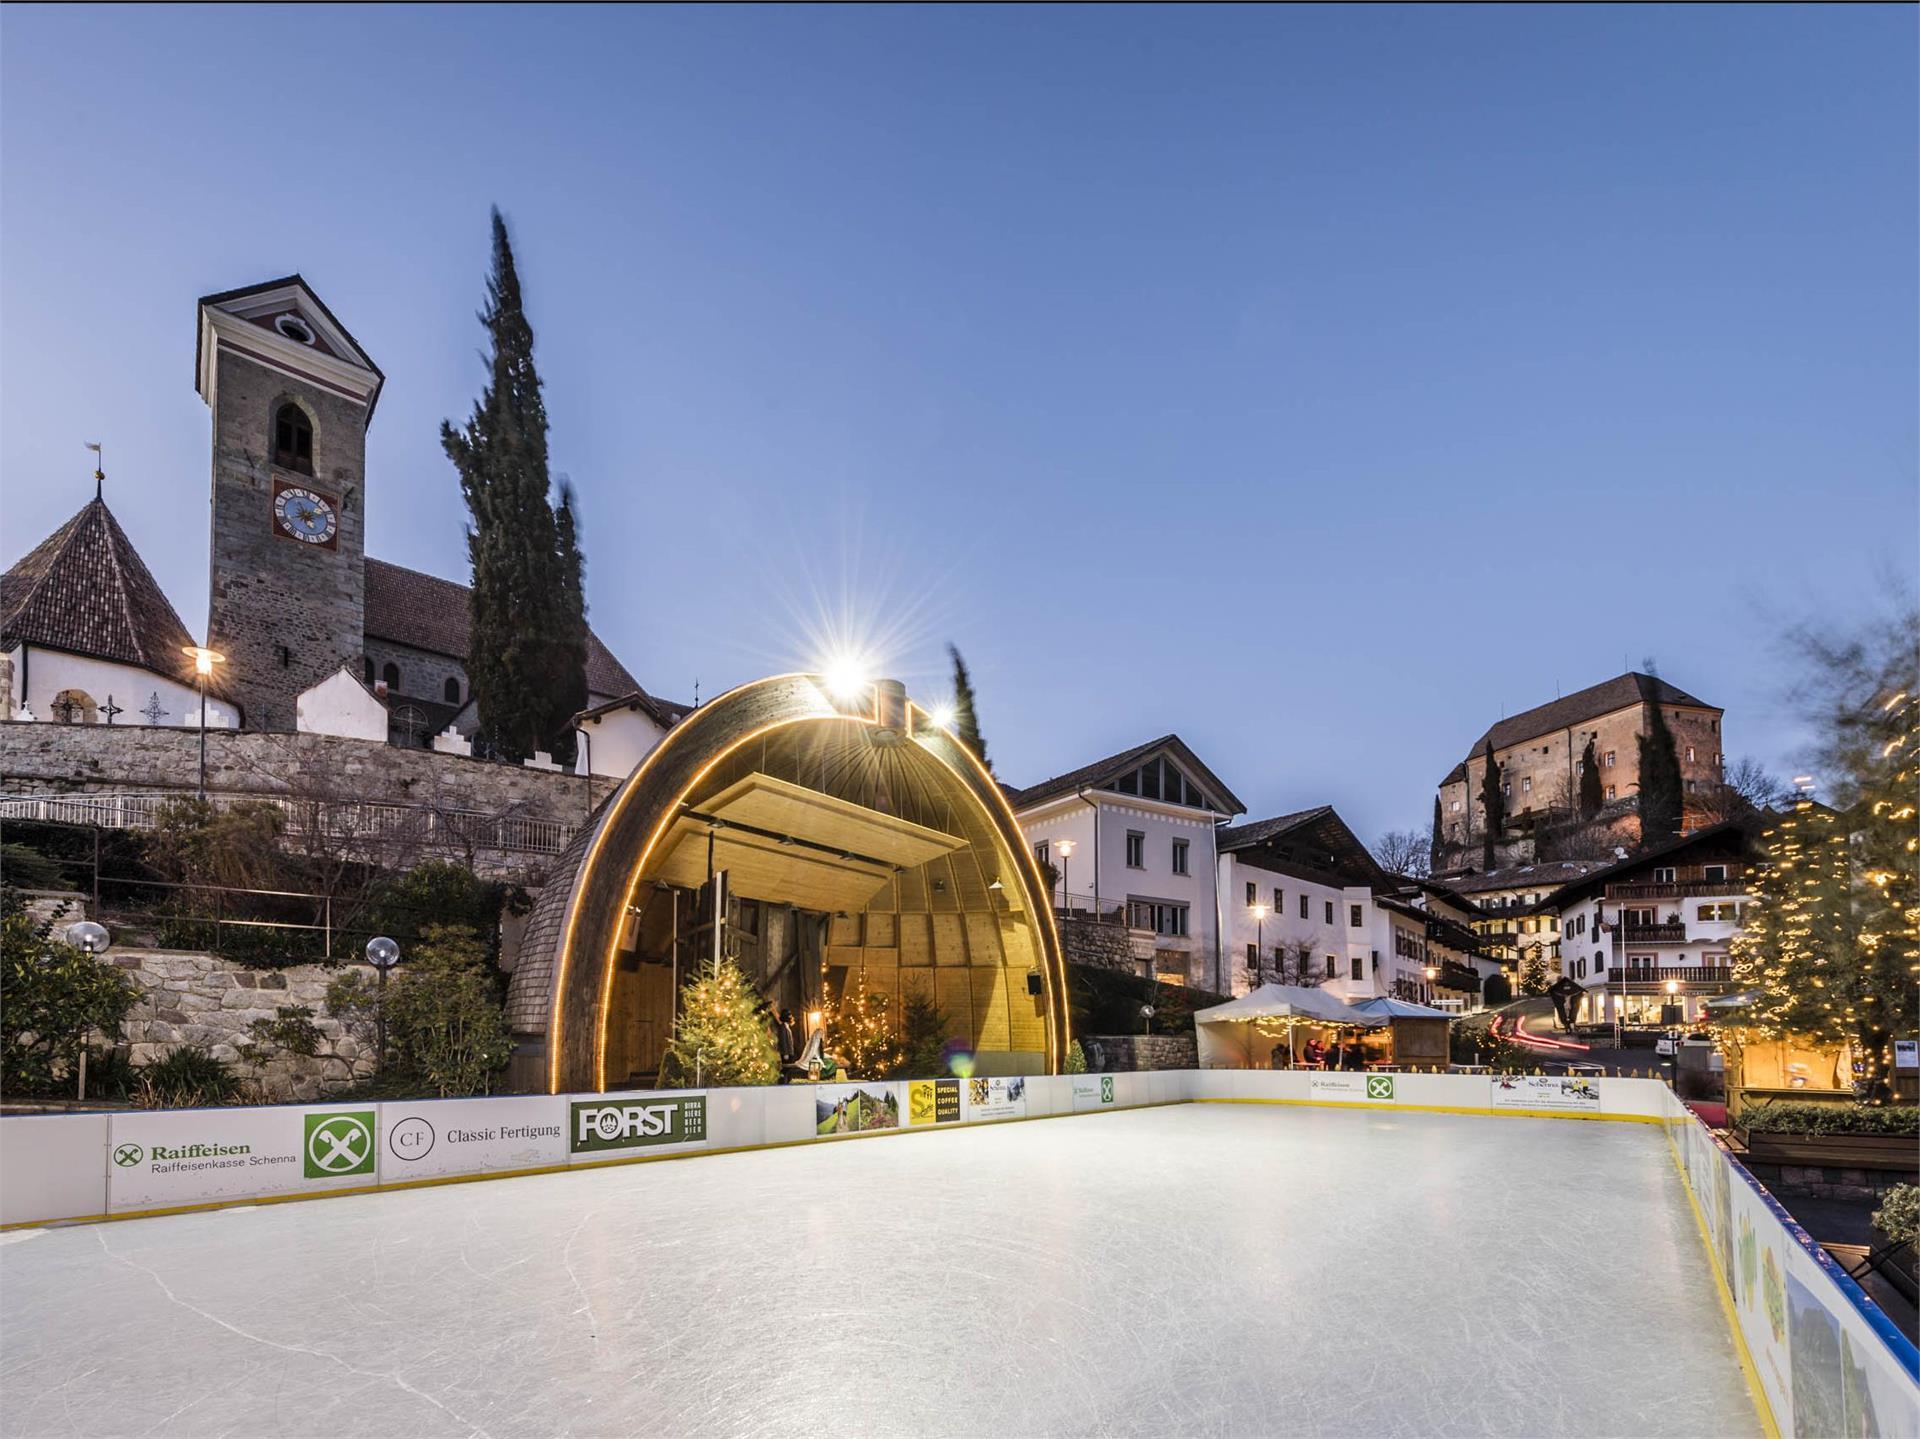 Pista di pattinaggio sul ghiaccio a Scena